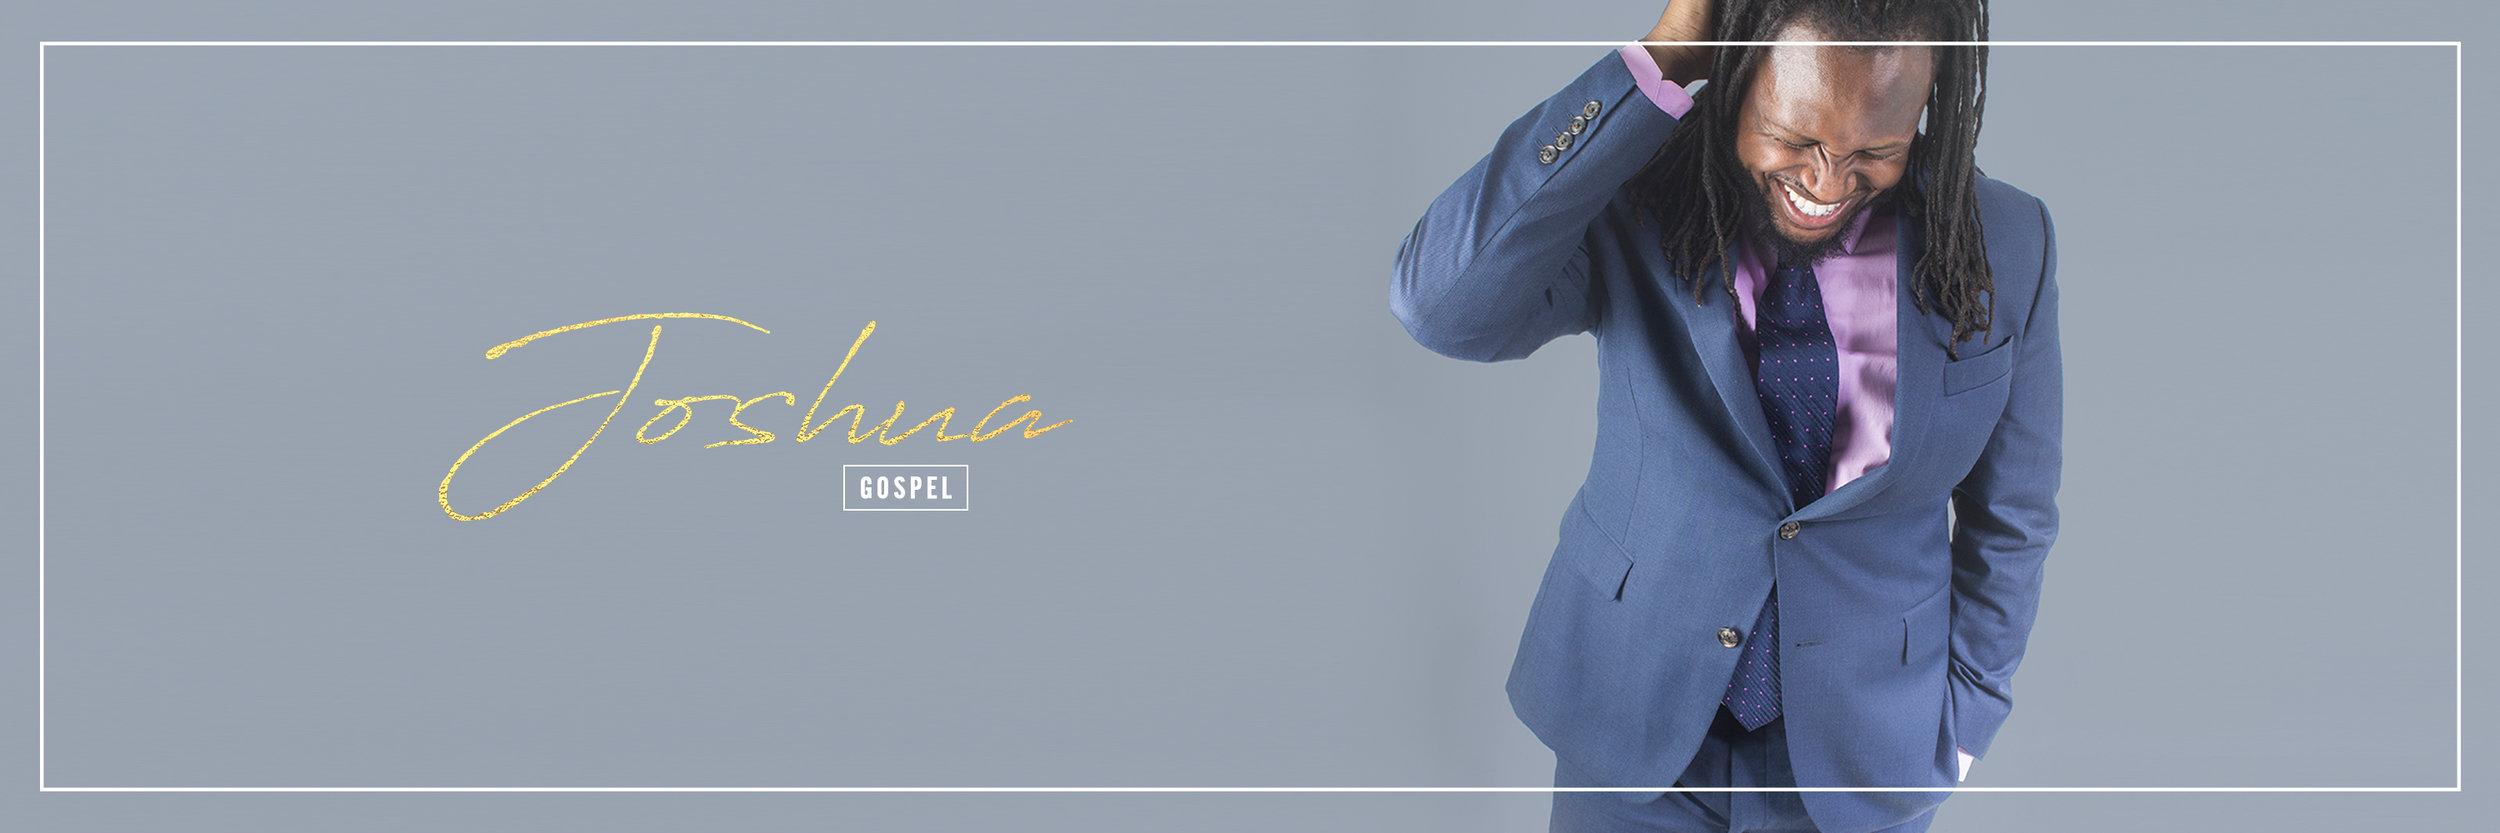 Joshua Banner.jpg